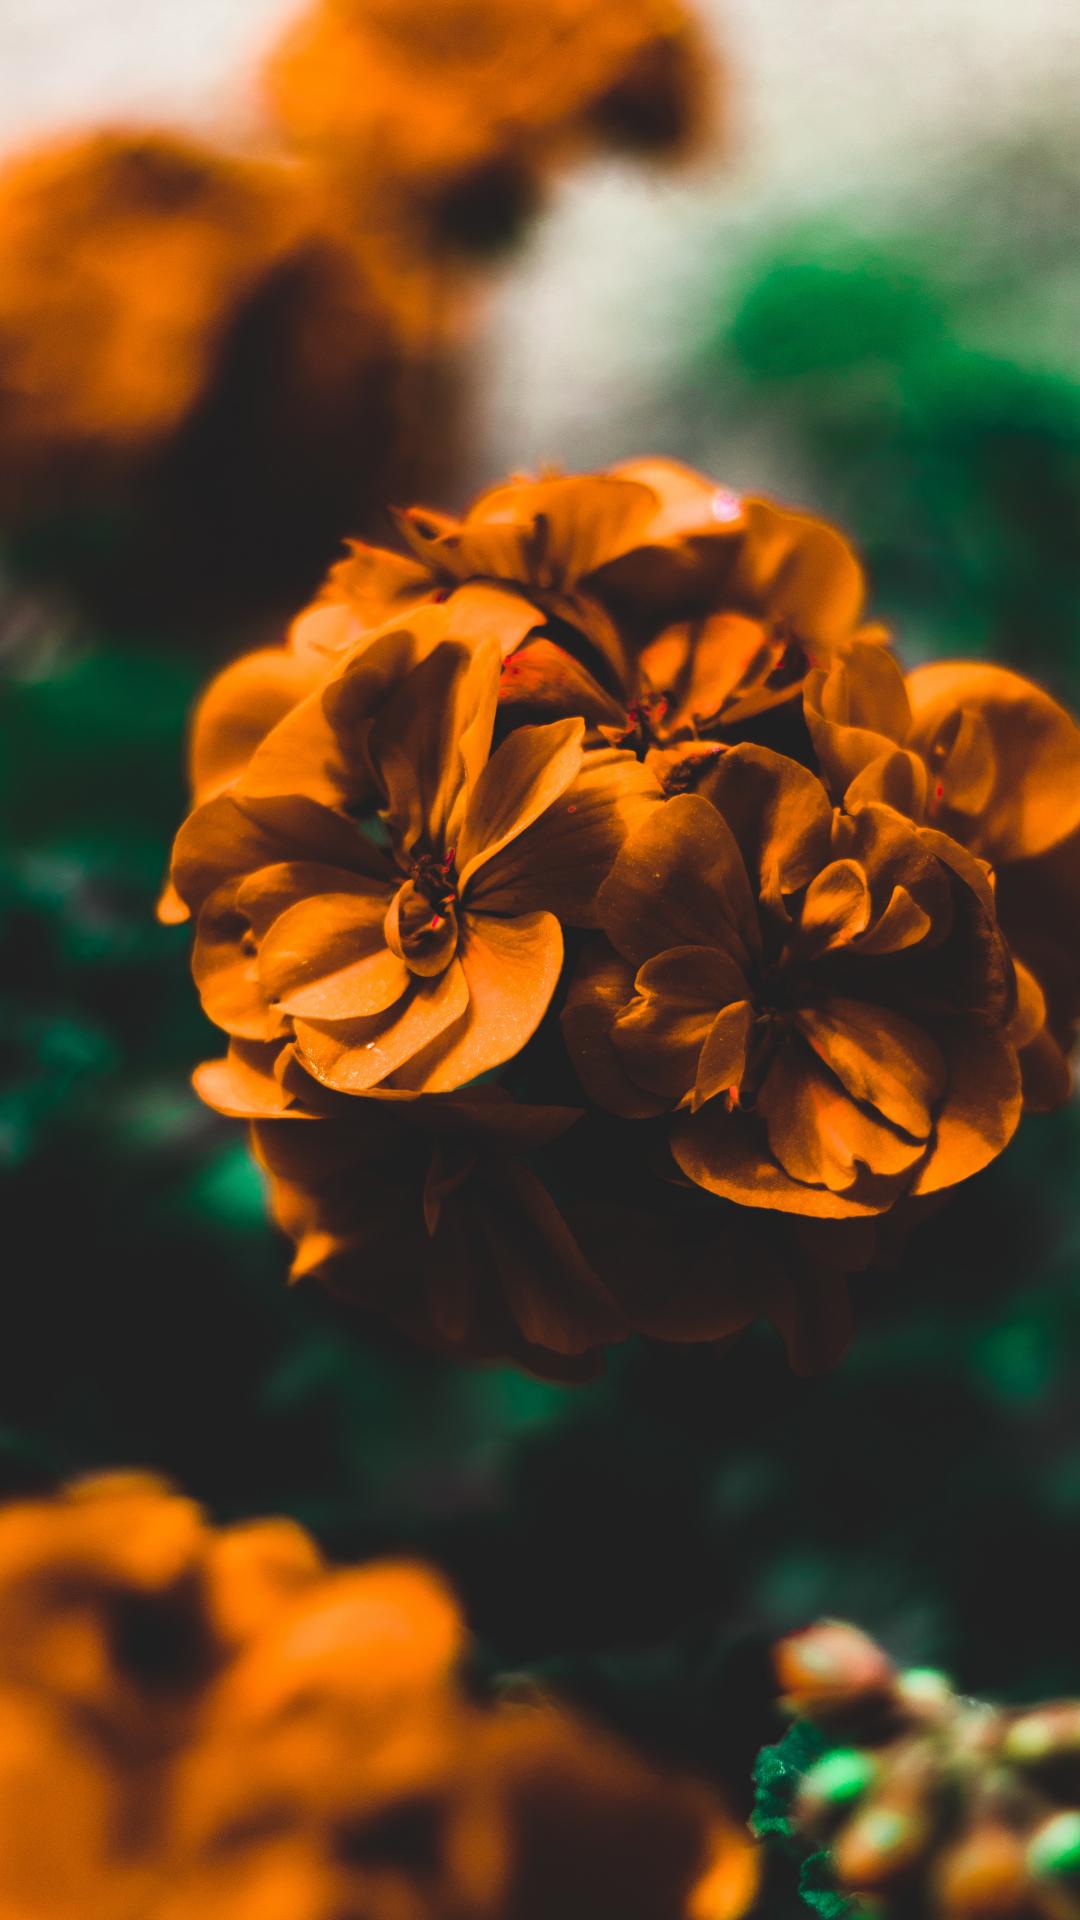 A Gentle Flower Iphone Wallpaper Idrop News